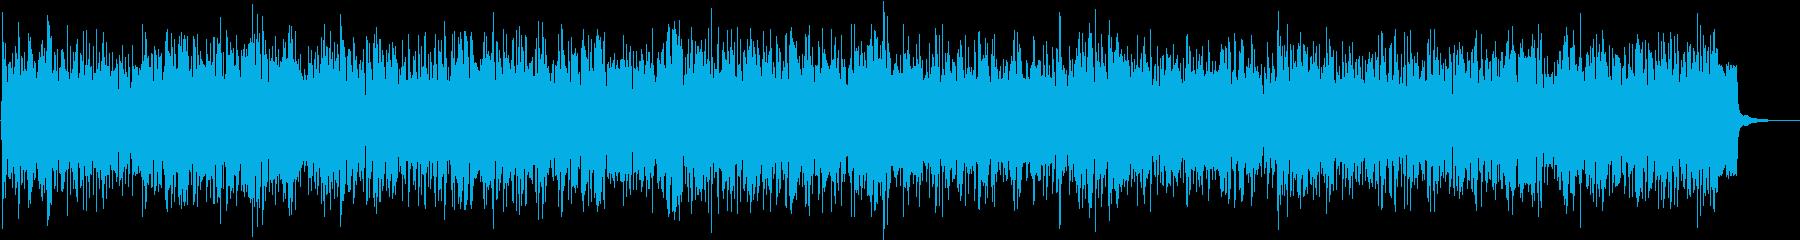 レトロジャズ・超絶バイオリンカントリー風の再生済みの波形